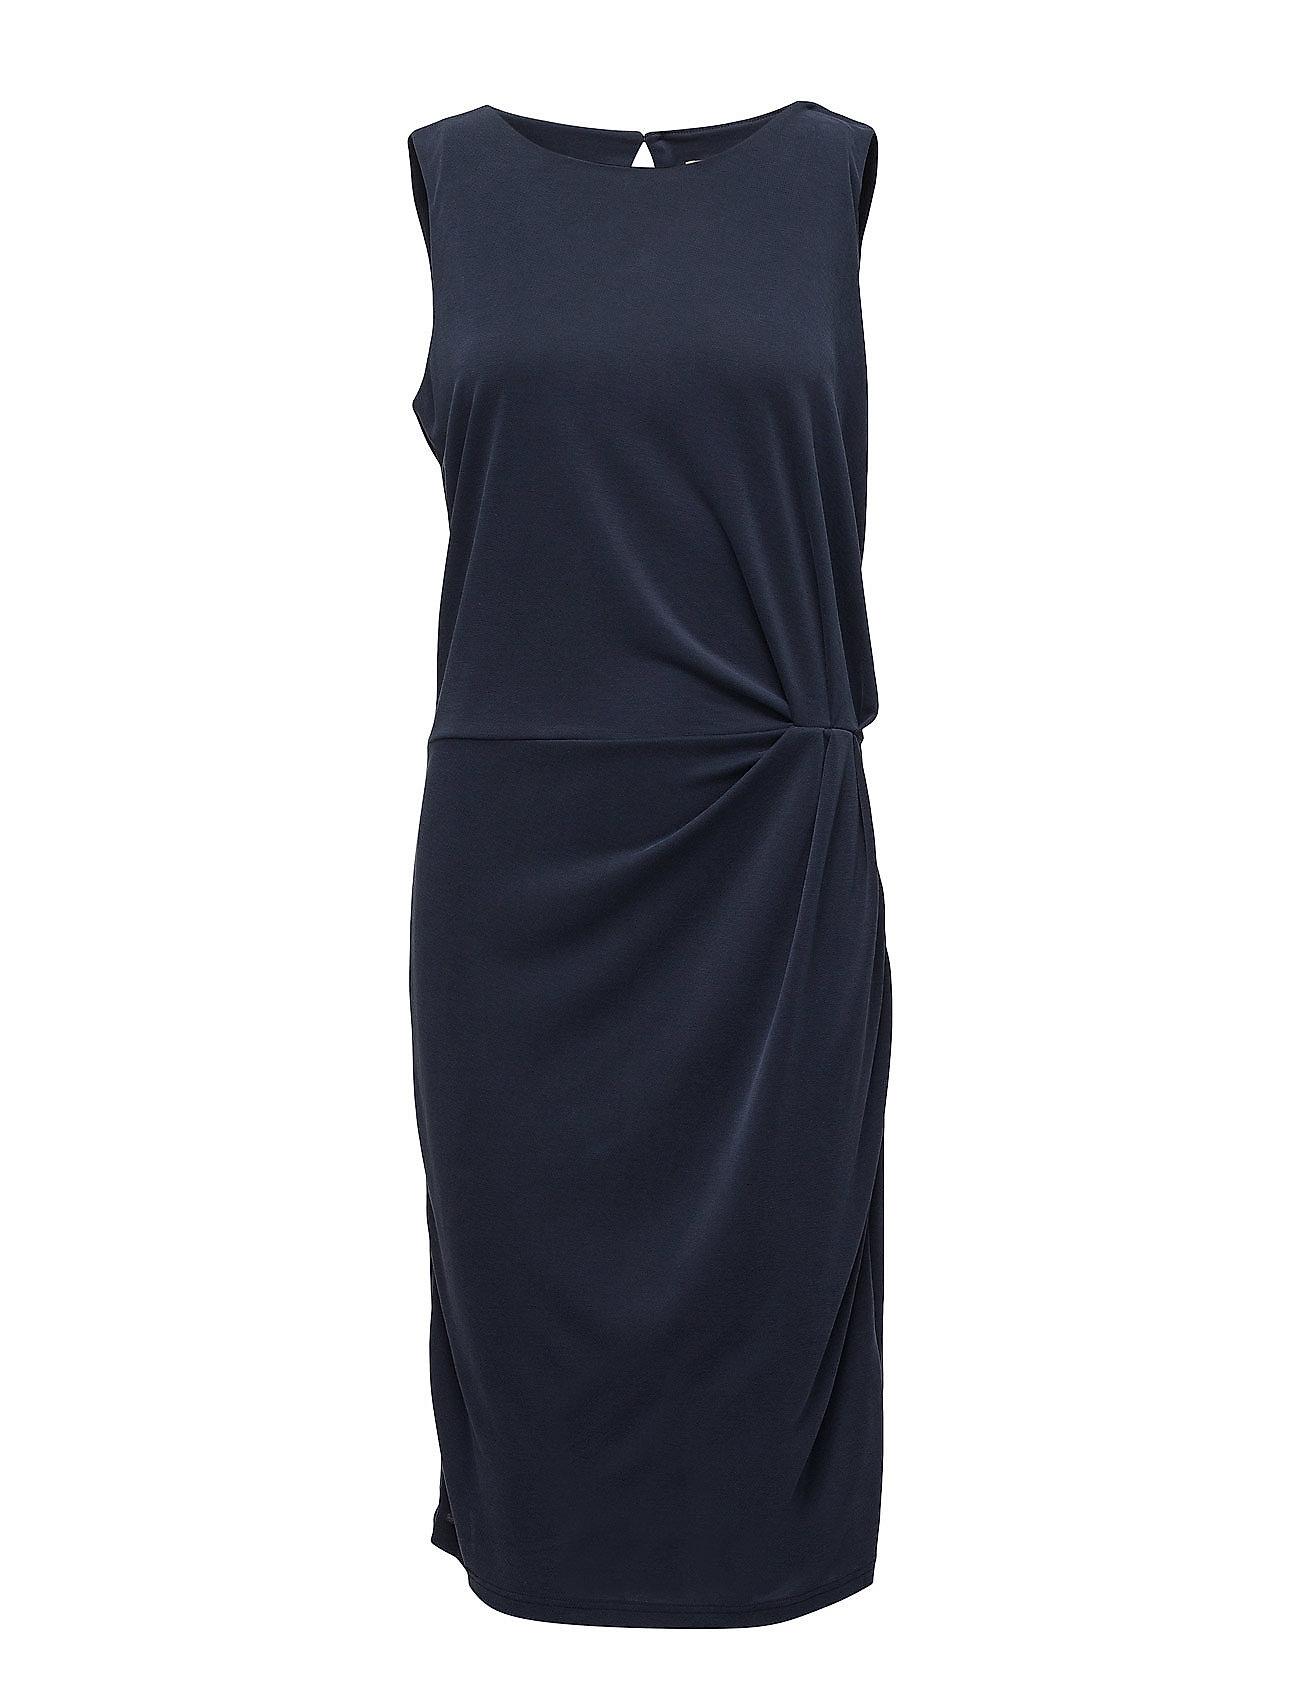 Lila Dress Minus Kjoler til Kvinder i Black Iris